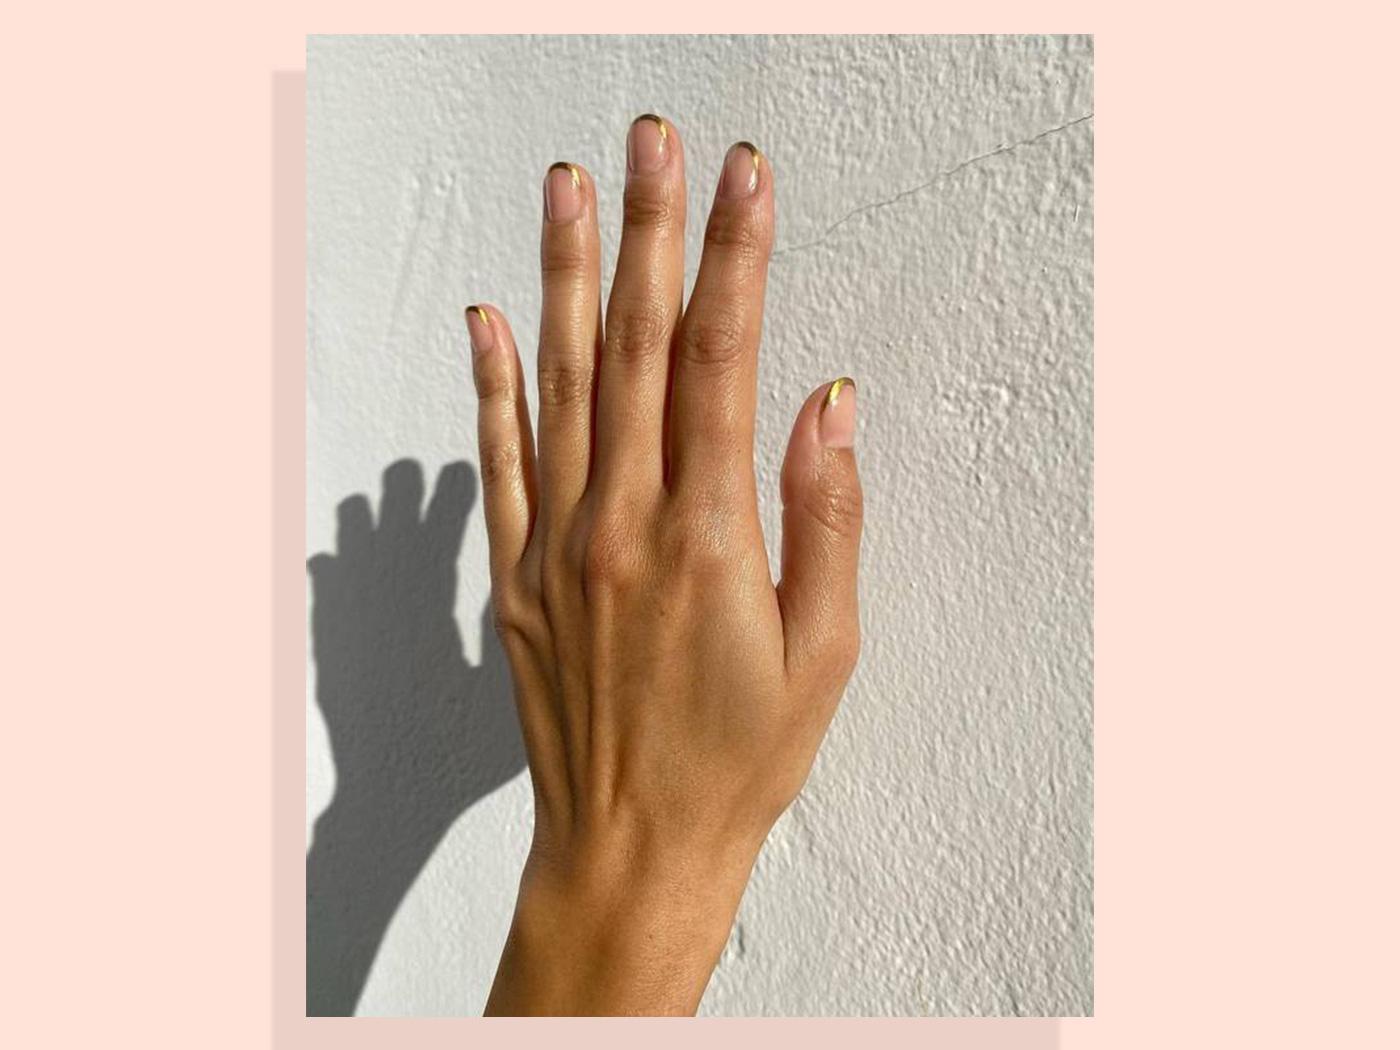 Το παράδοξο trend στα νύχια που δεν περιμέναμε να μας απασχολήσει το καλοκαίρι